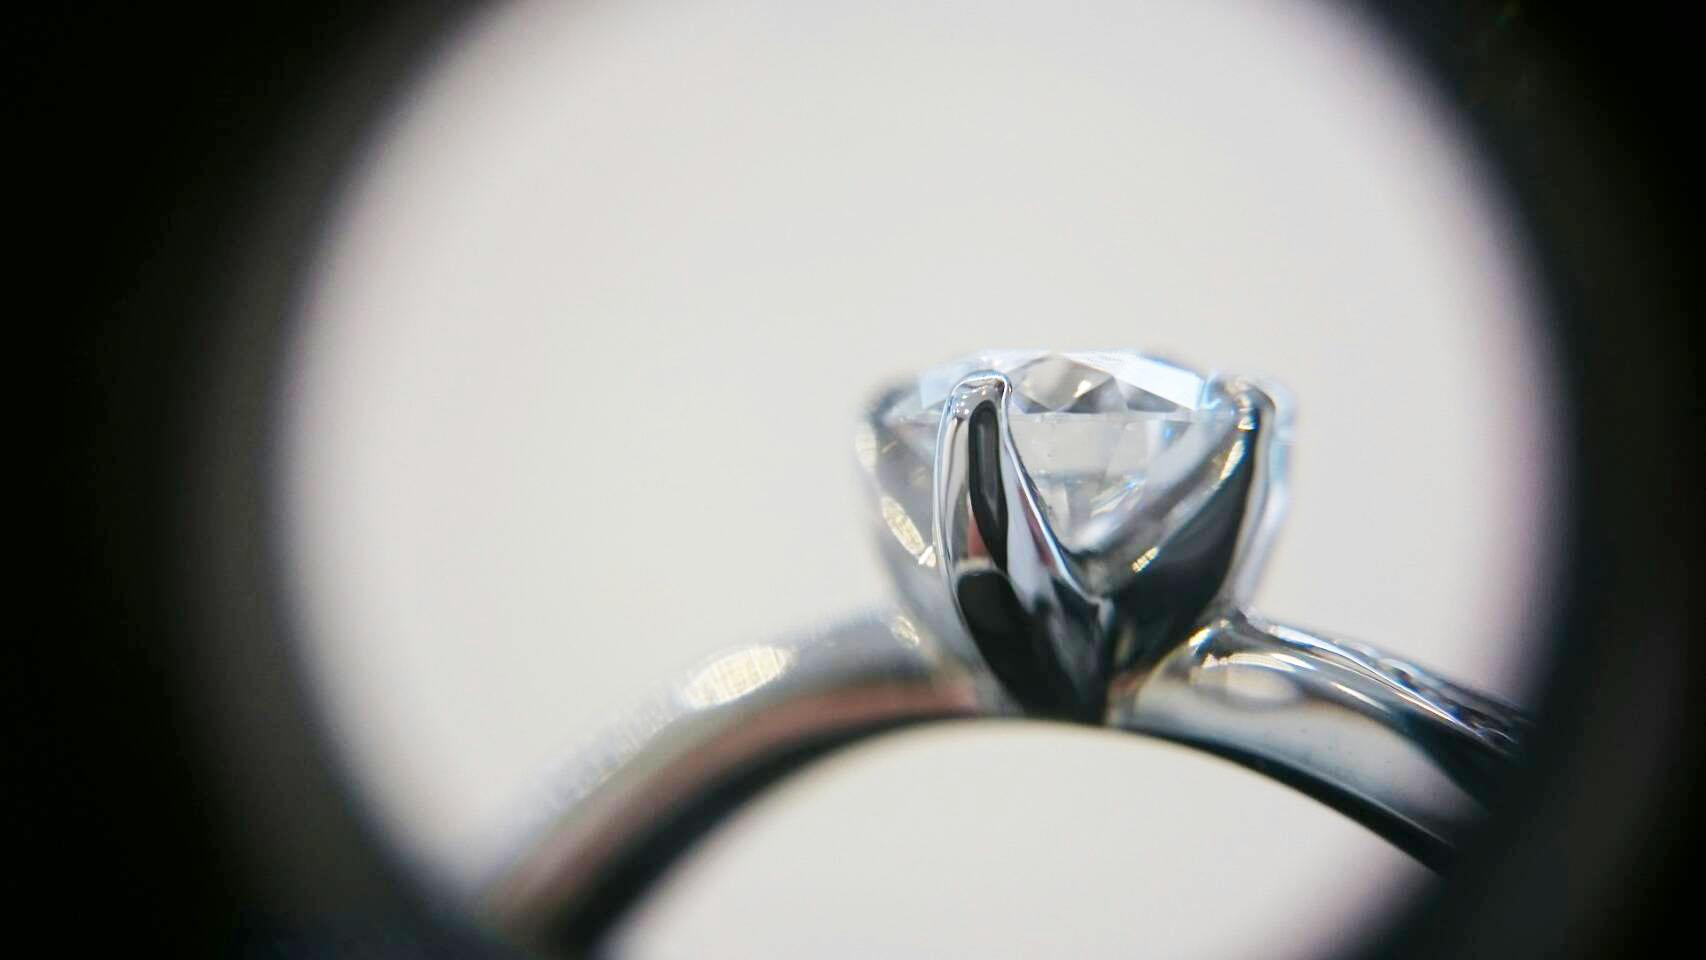 ダイヤモンド横からよく見えるBRIDEG銀座